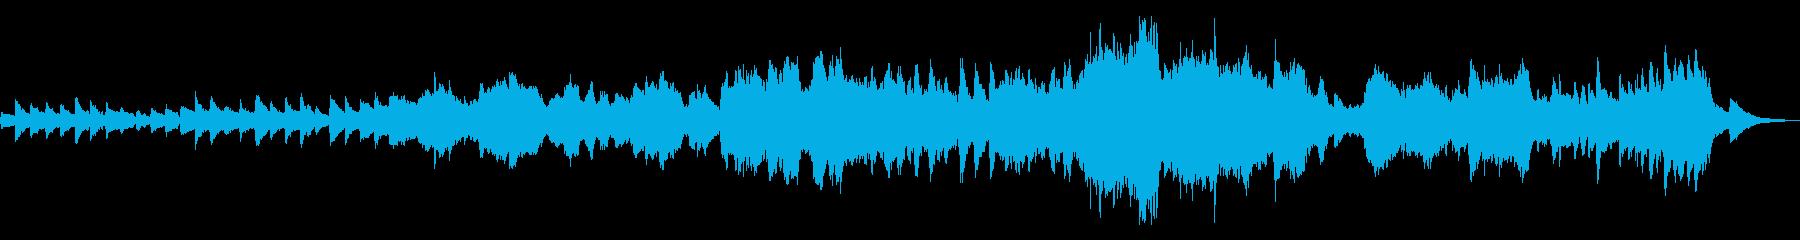 夕暮れ_切ない_ピアノ_オーケストラの再生済みの波形